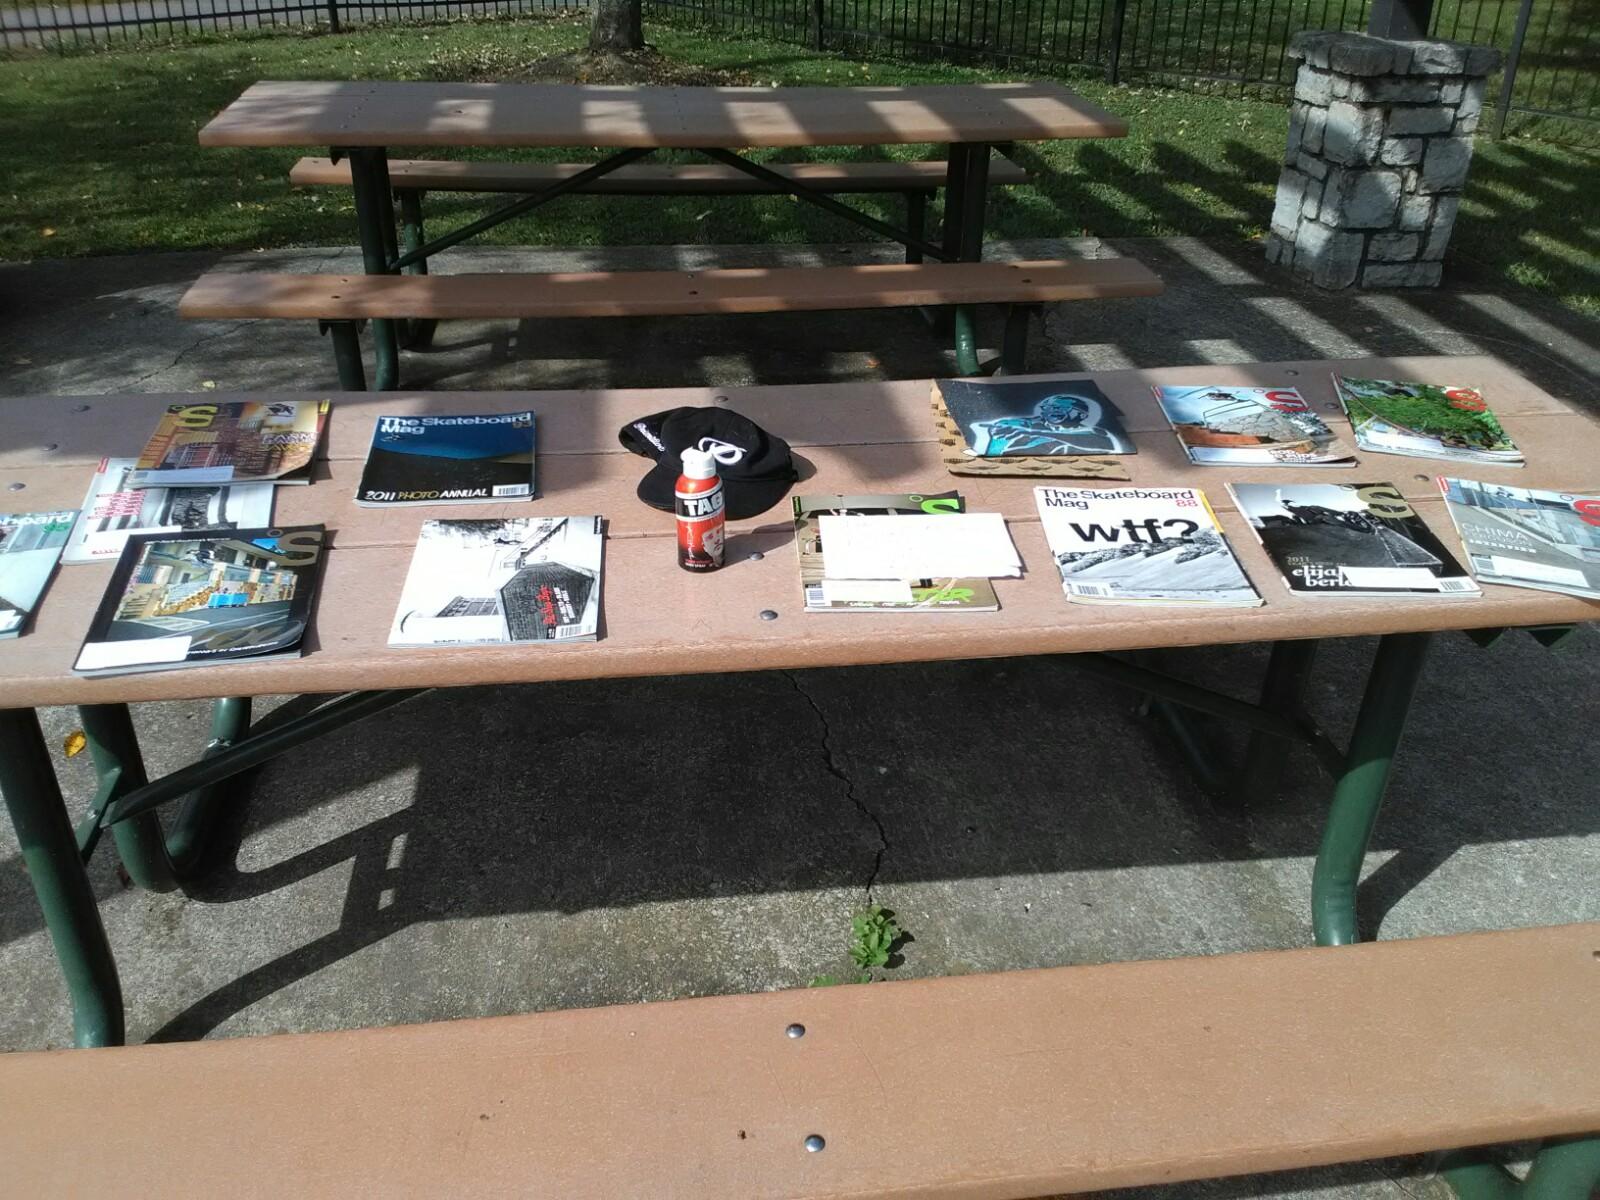 Photos of Joel's shrine at Jim Warren skate park in Franklin, TN.